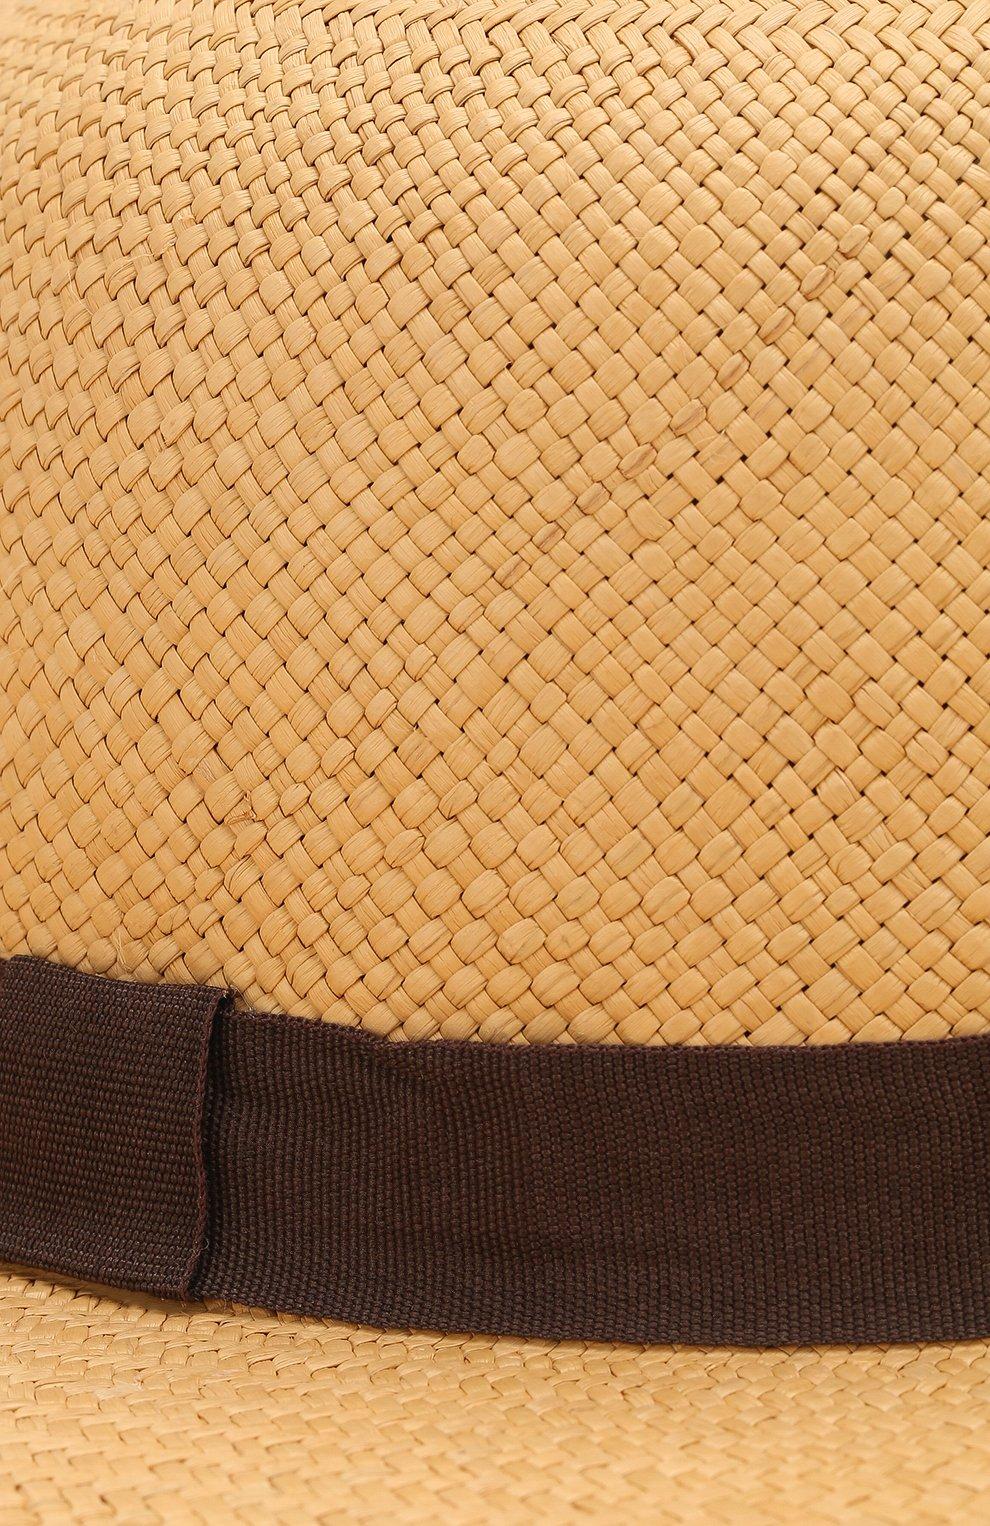 Женская шляпа anastasia CANOE светло-бежевого цвета, арт. 1964829   Фото 3